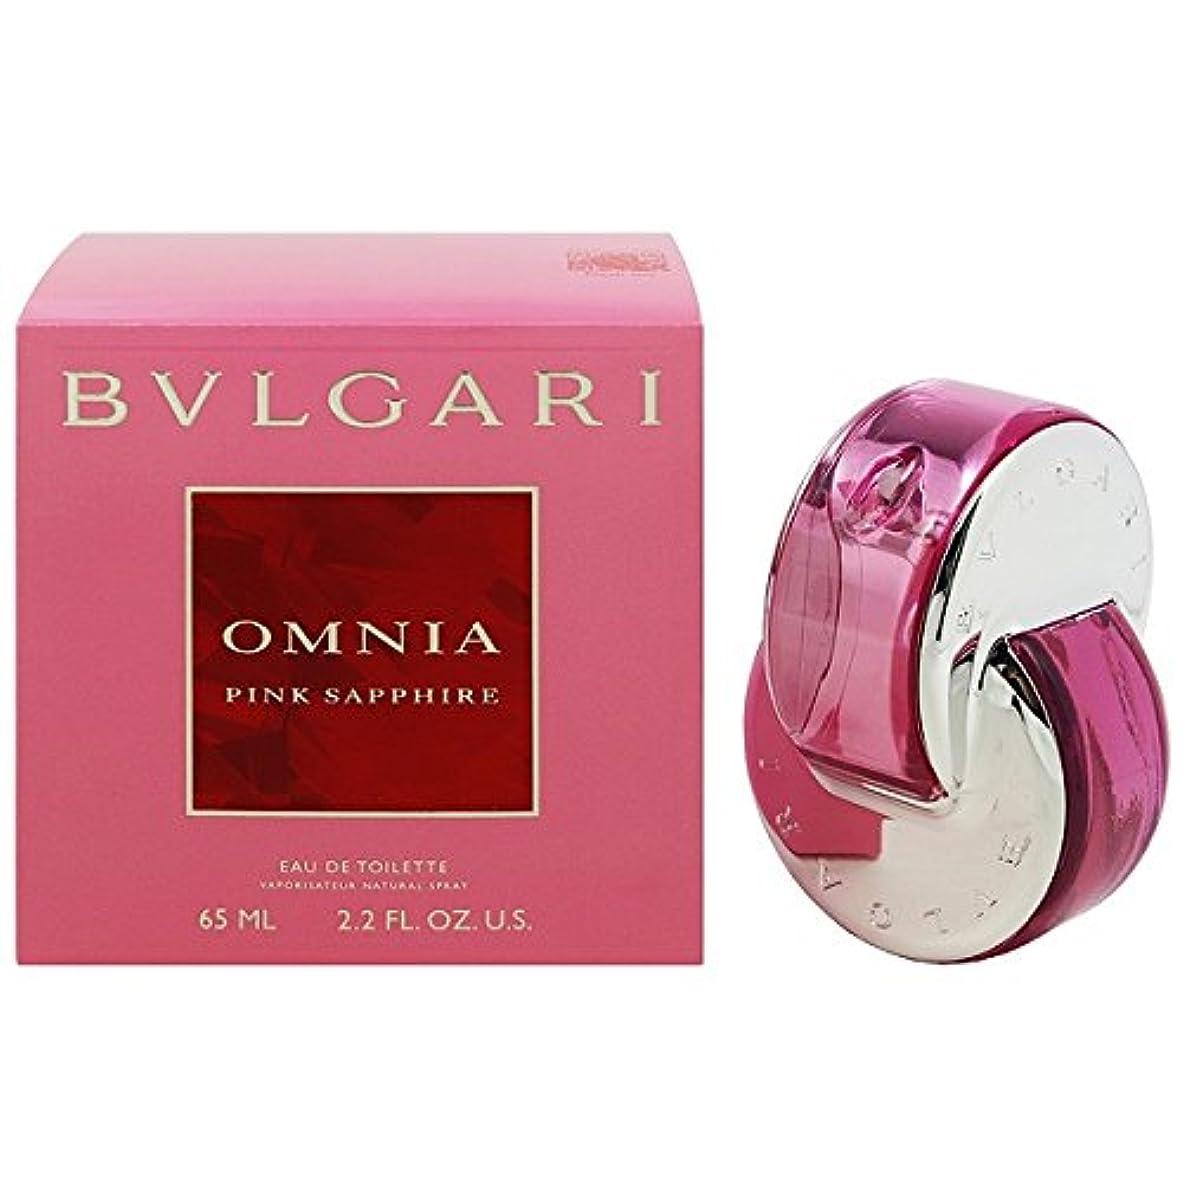 暗唱する嫉妬までブルガリ オムニア ピンク サファイヤ(ピンク サファイア) EDT スプレー 65ml ブルガリ BVLGARI